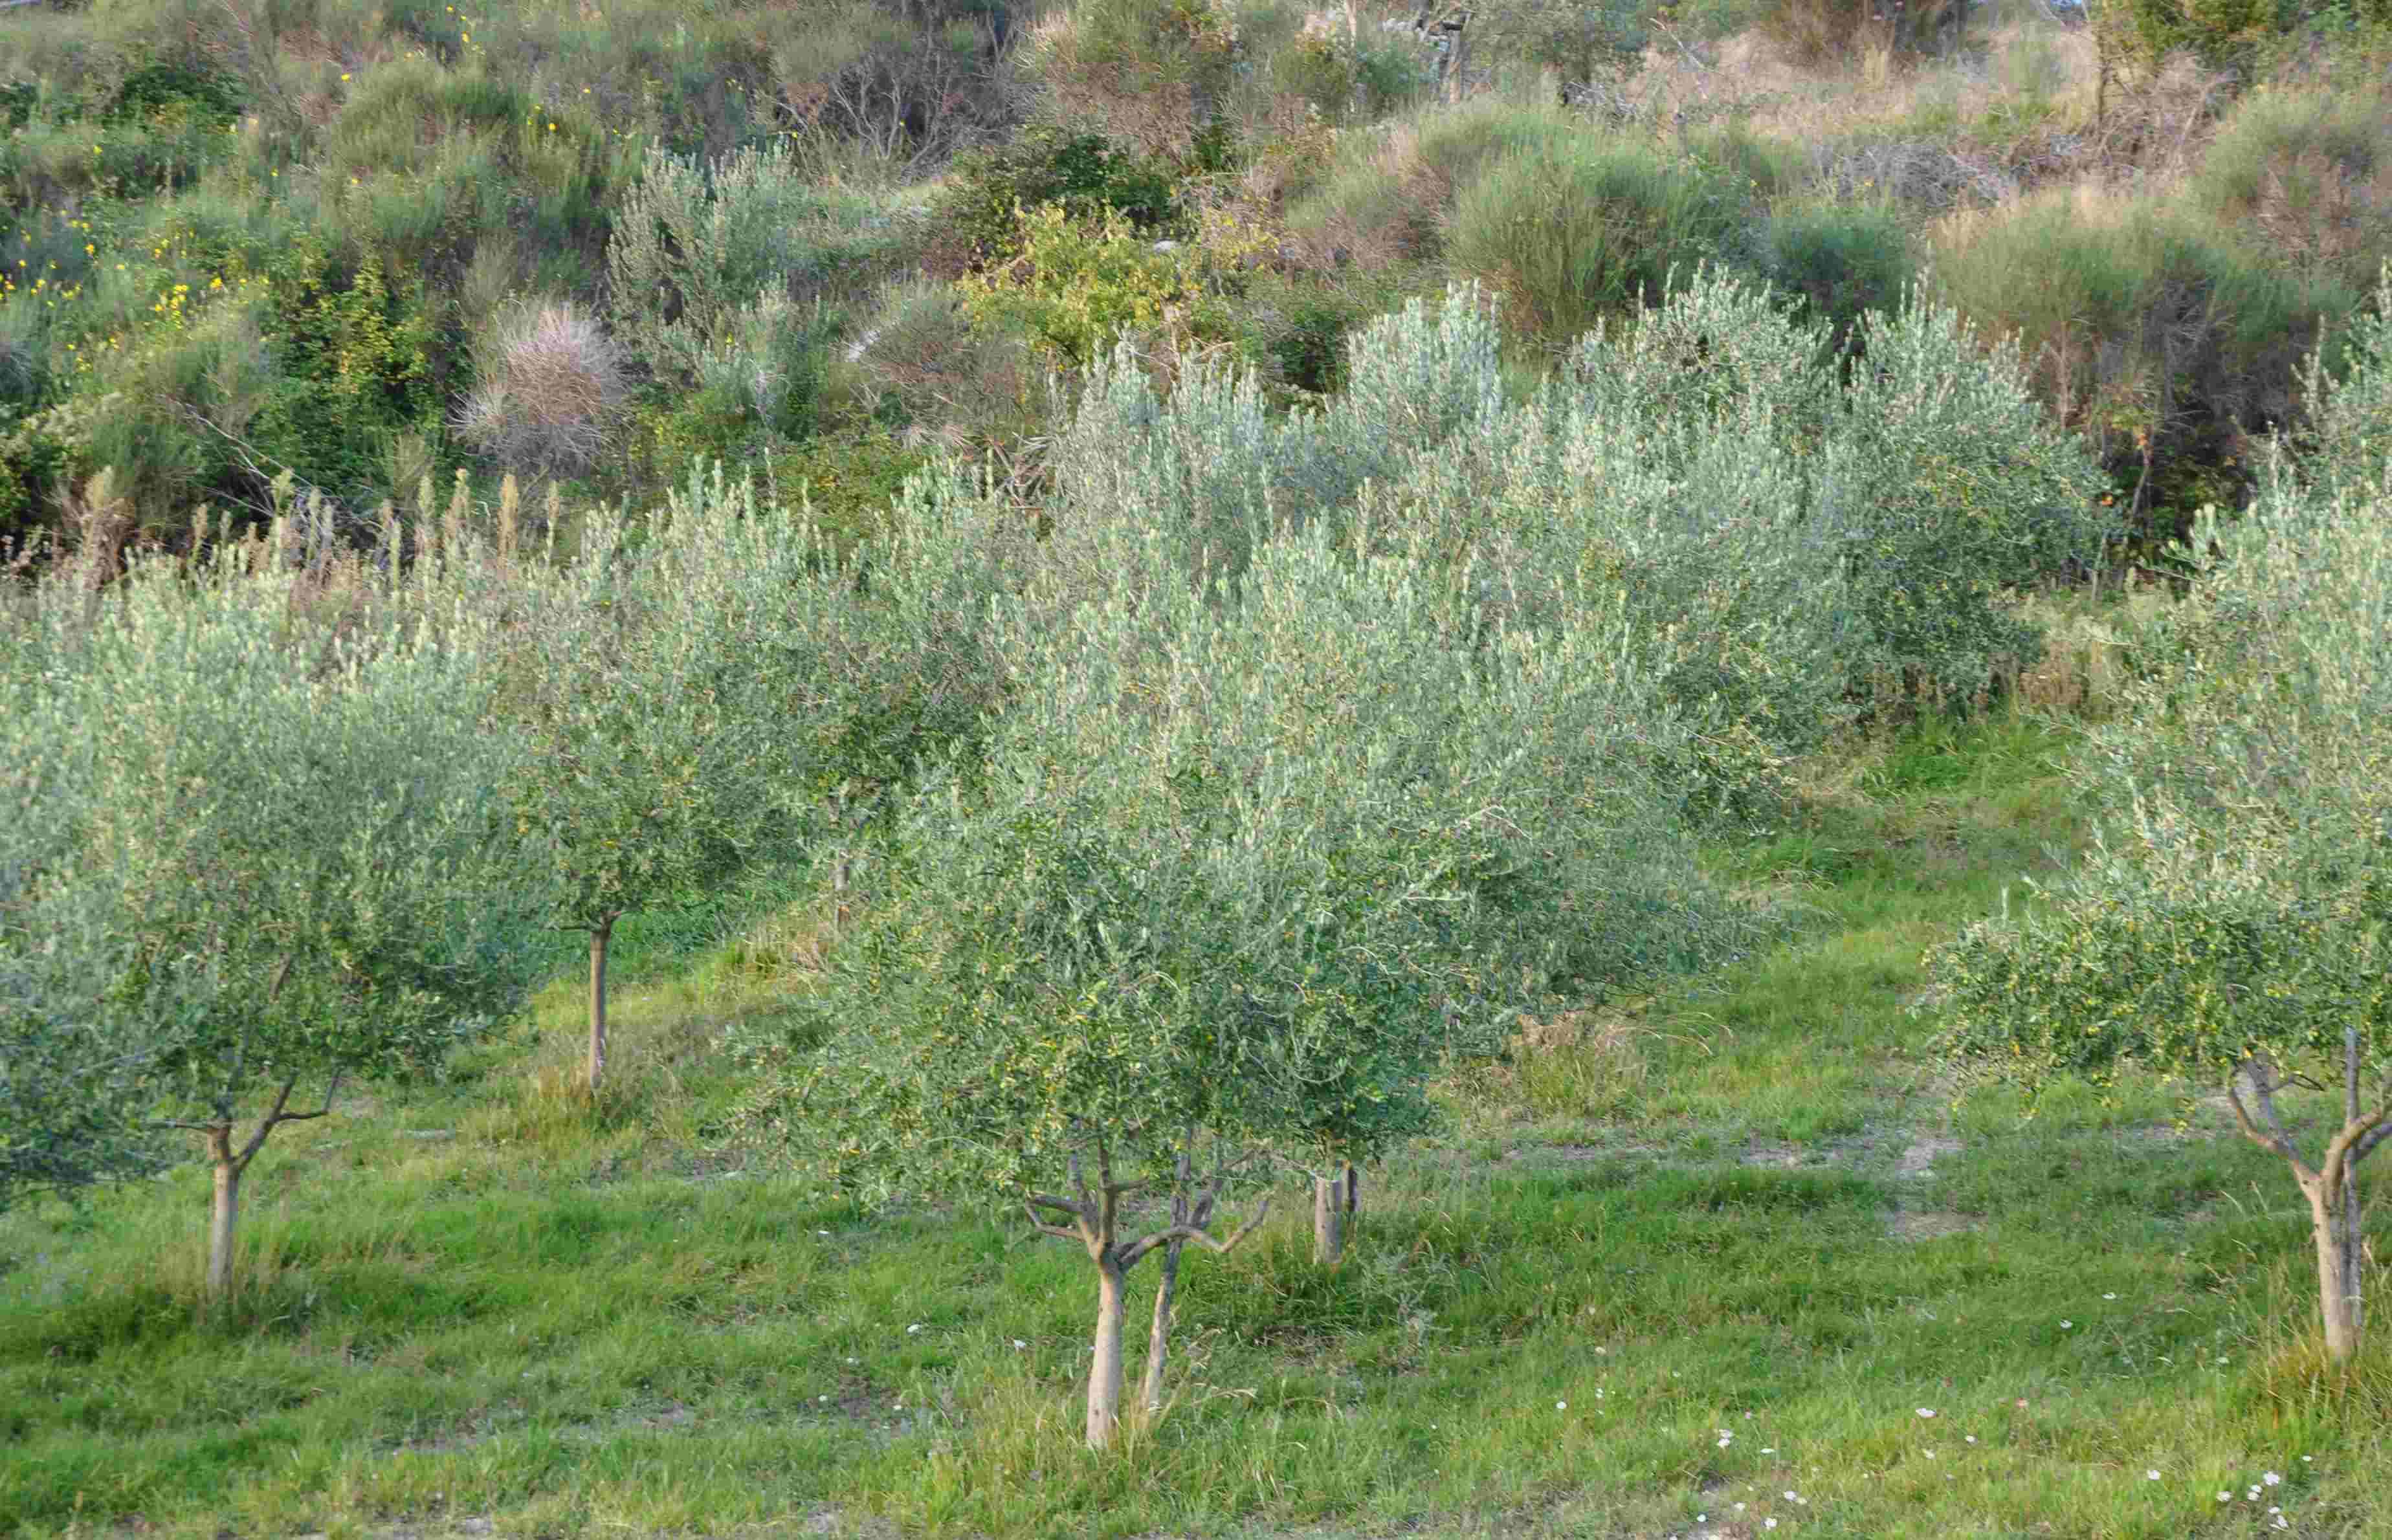 Jord till olivträd